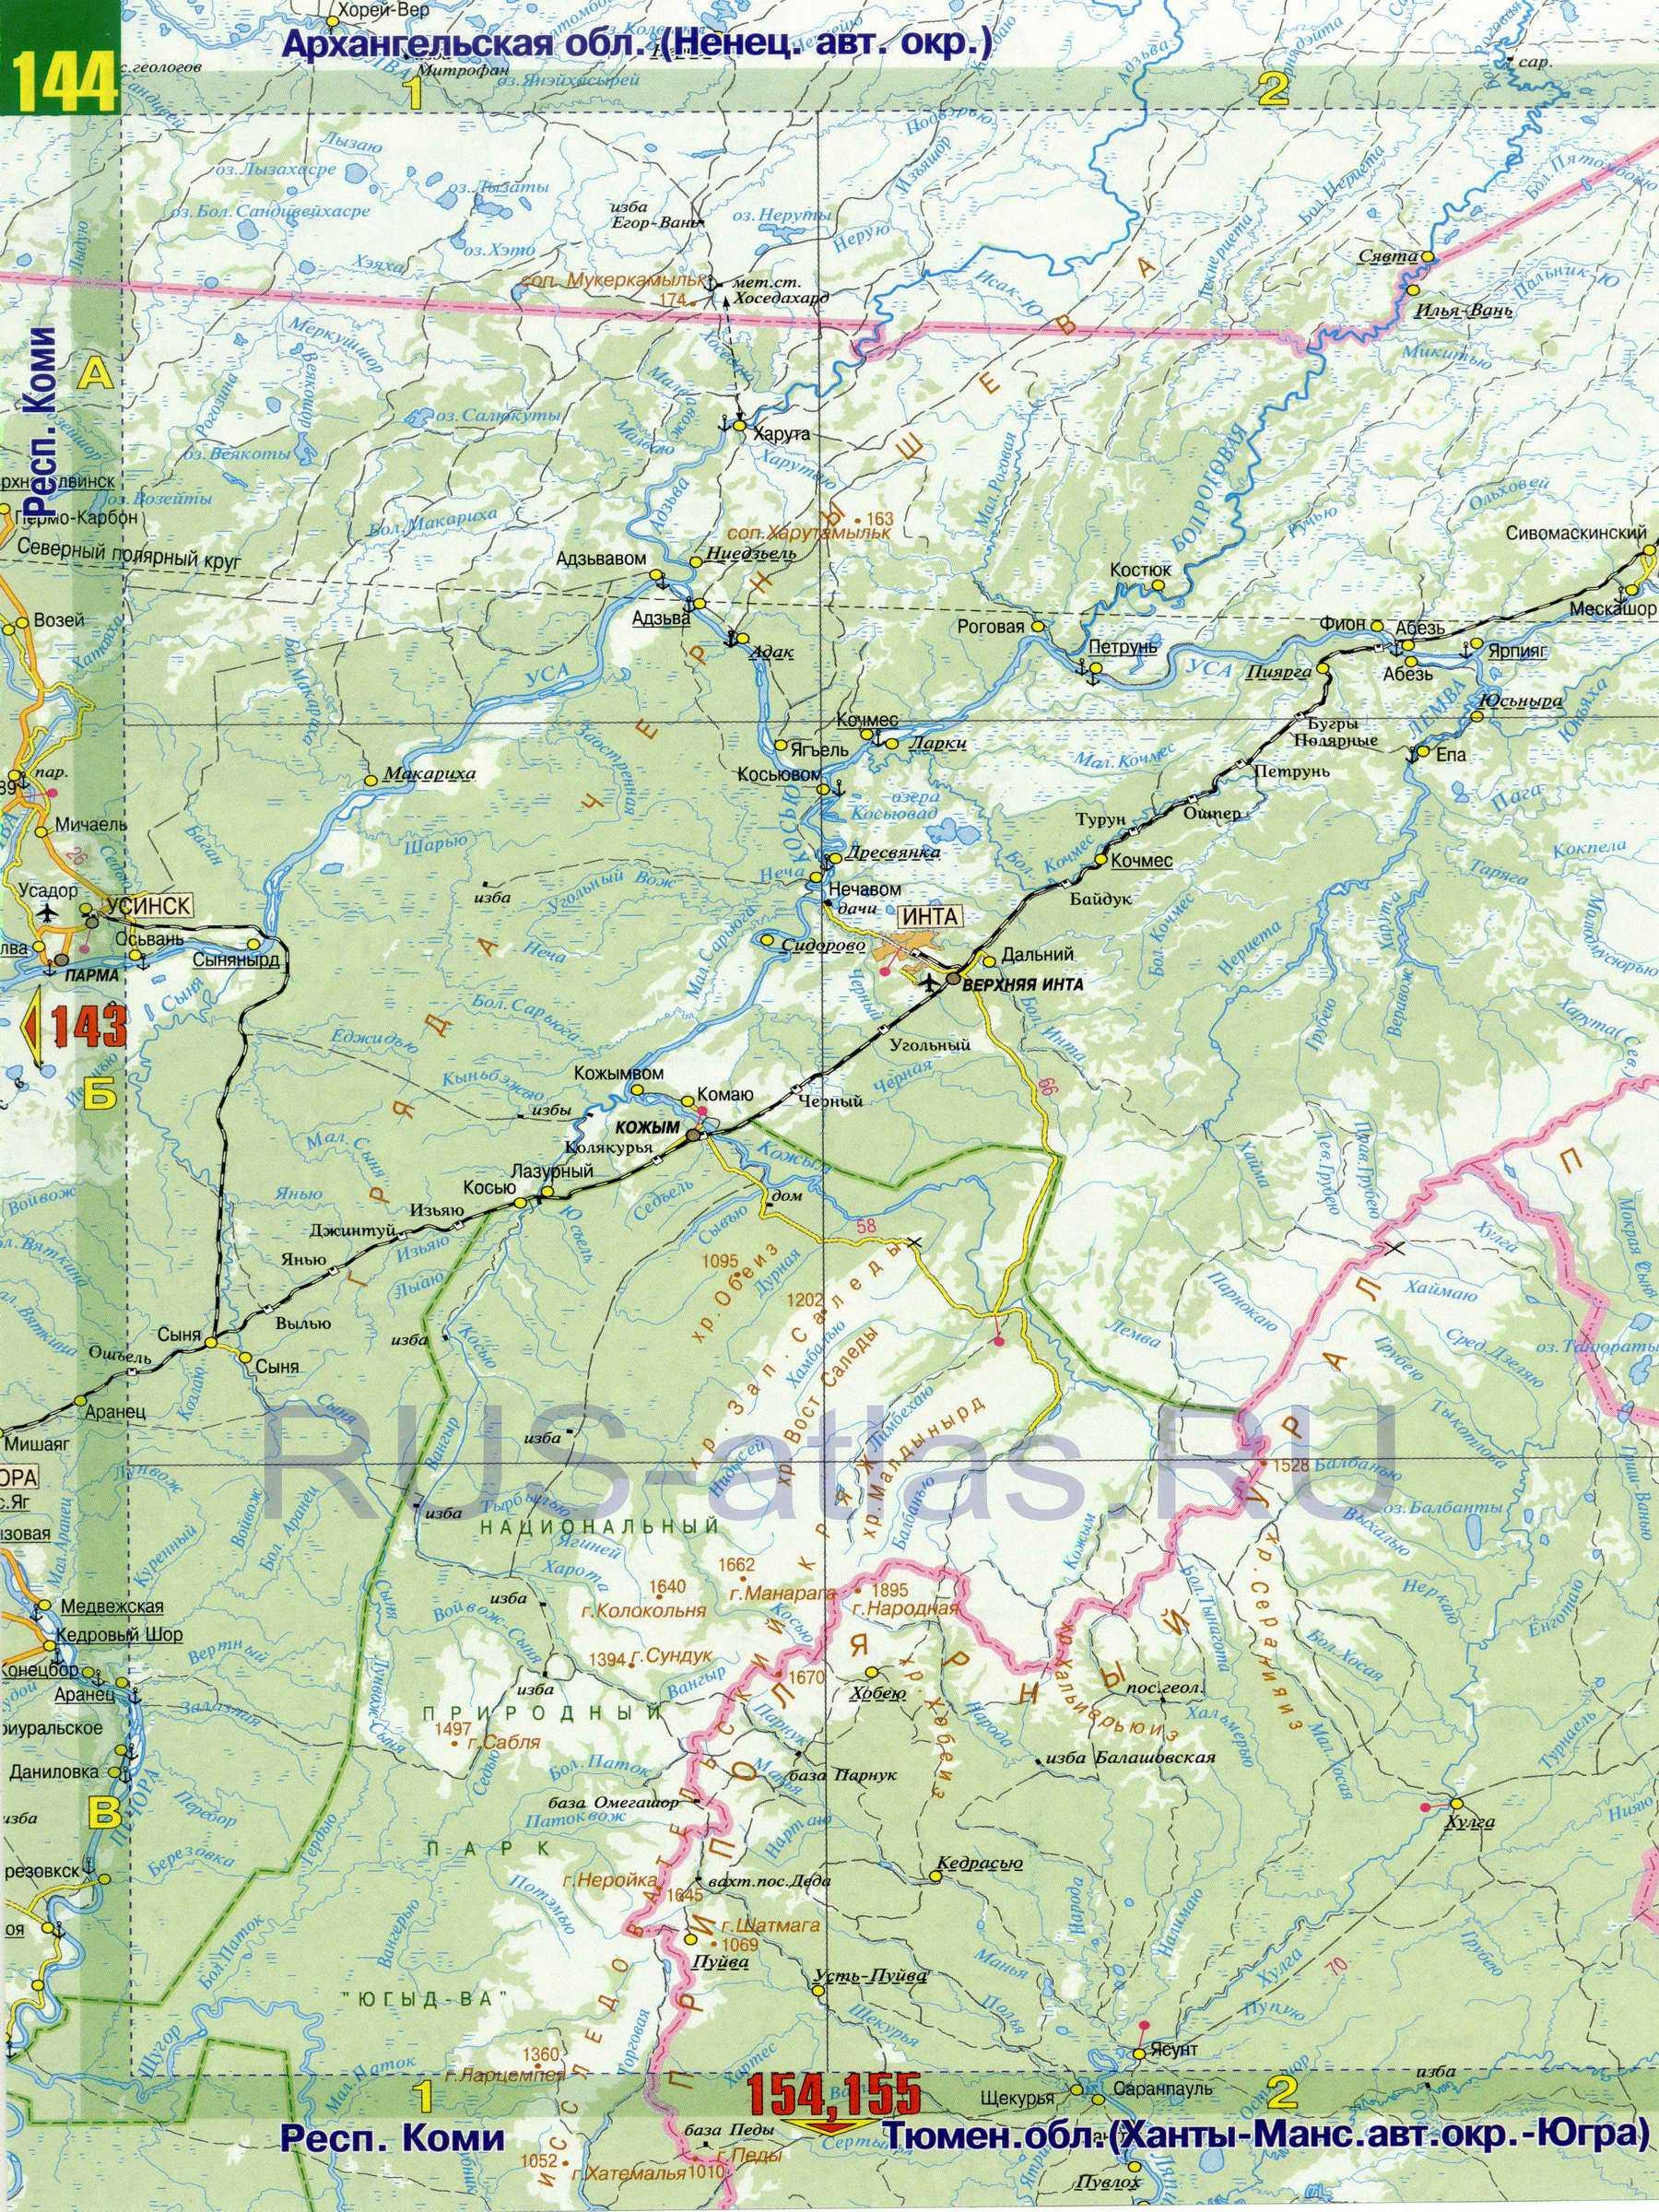 Карта Коми. Карта дорог республики Коми, C0: http://rus-atlas.ru/map442909_0_2.htm